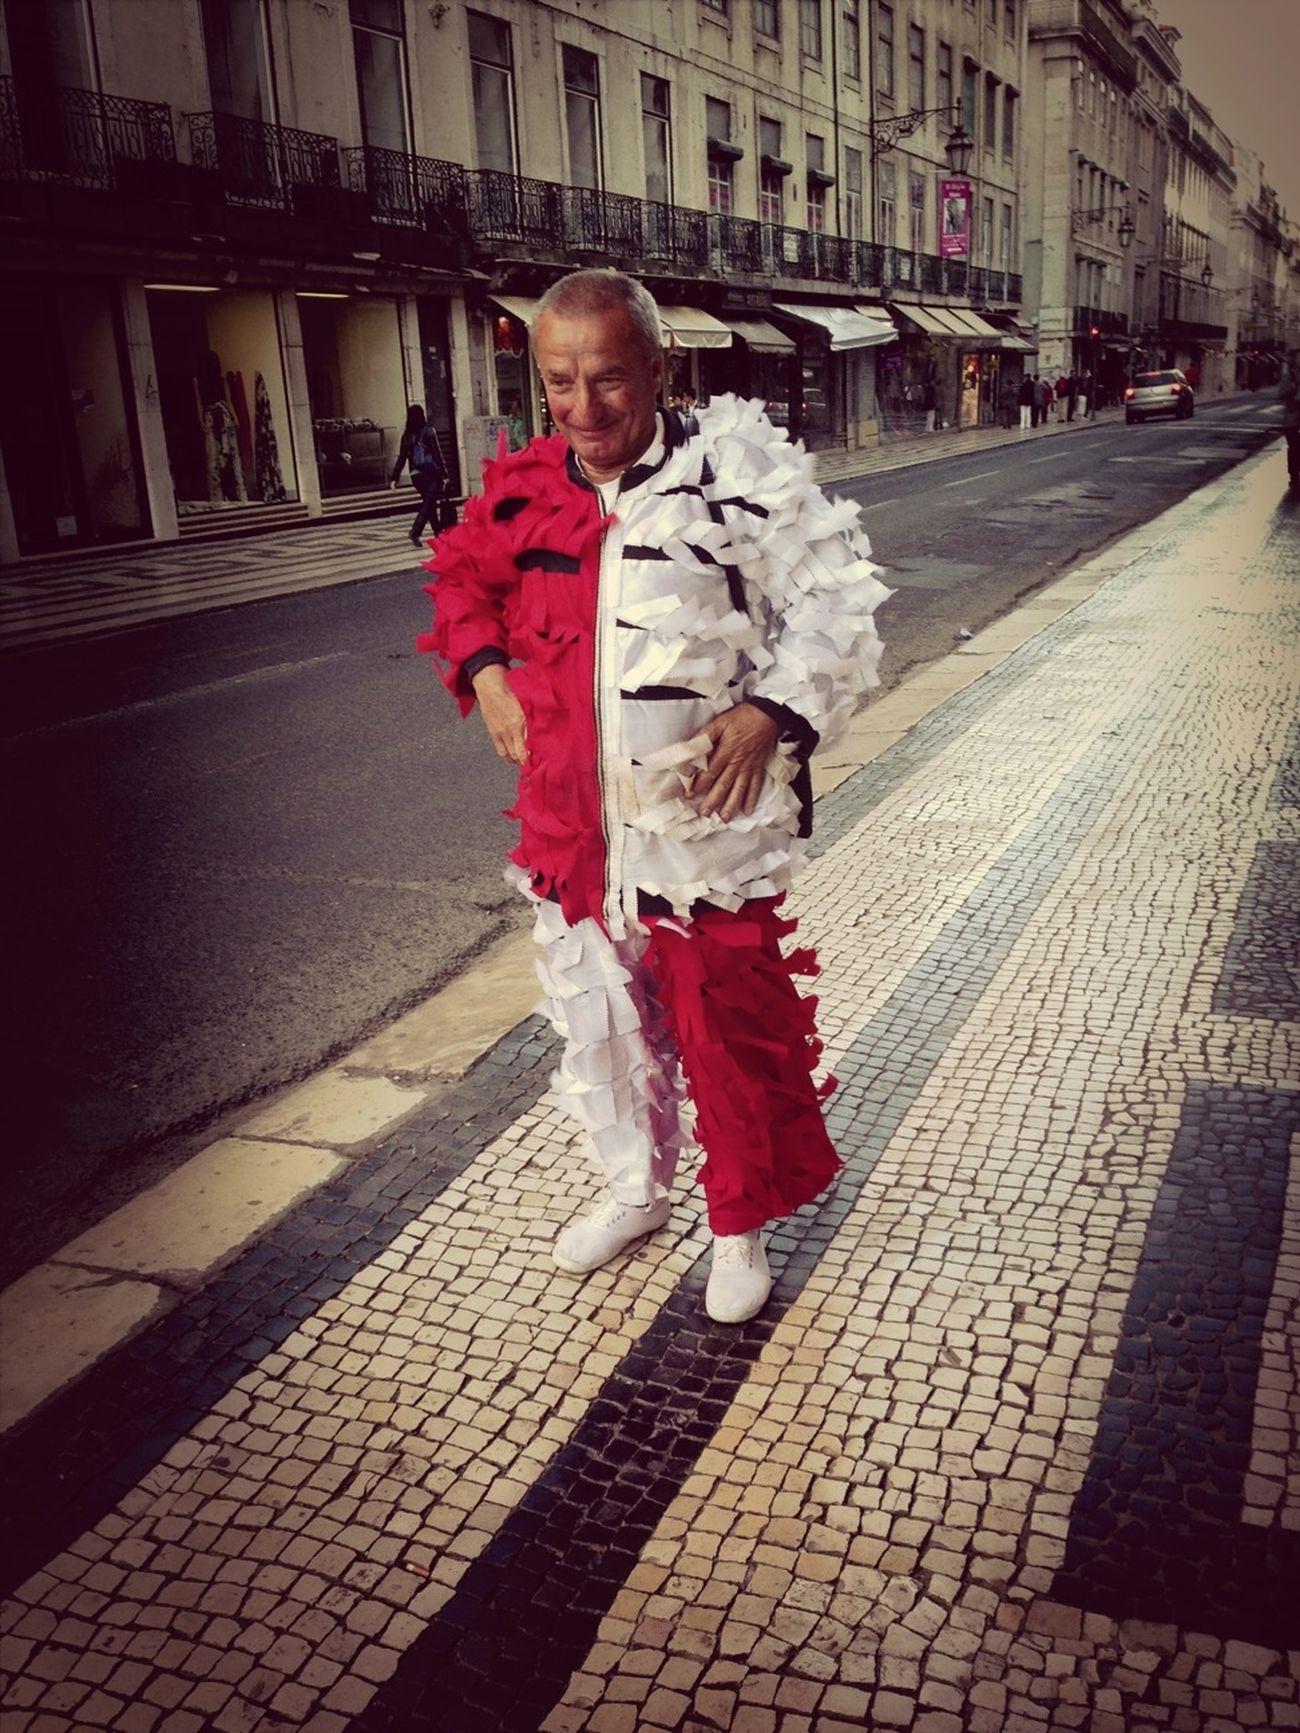 EyeEm Lisbon Masterclass 2013